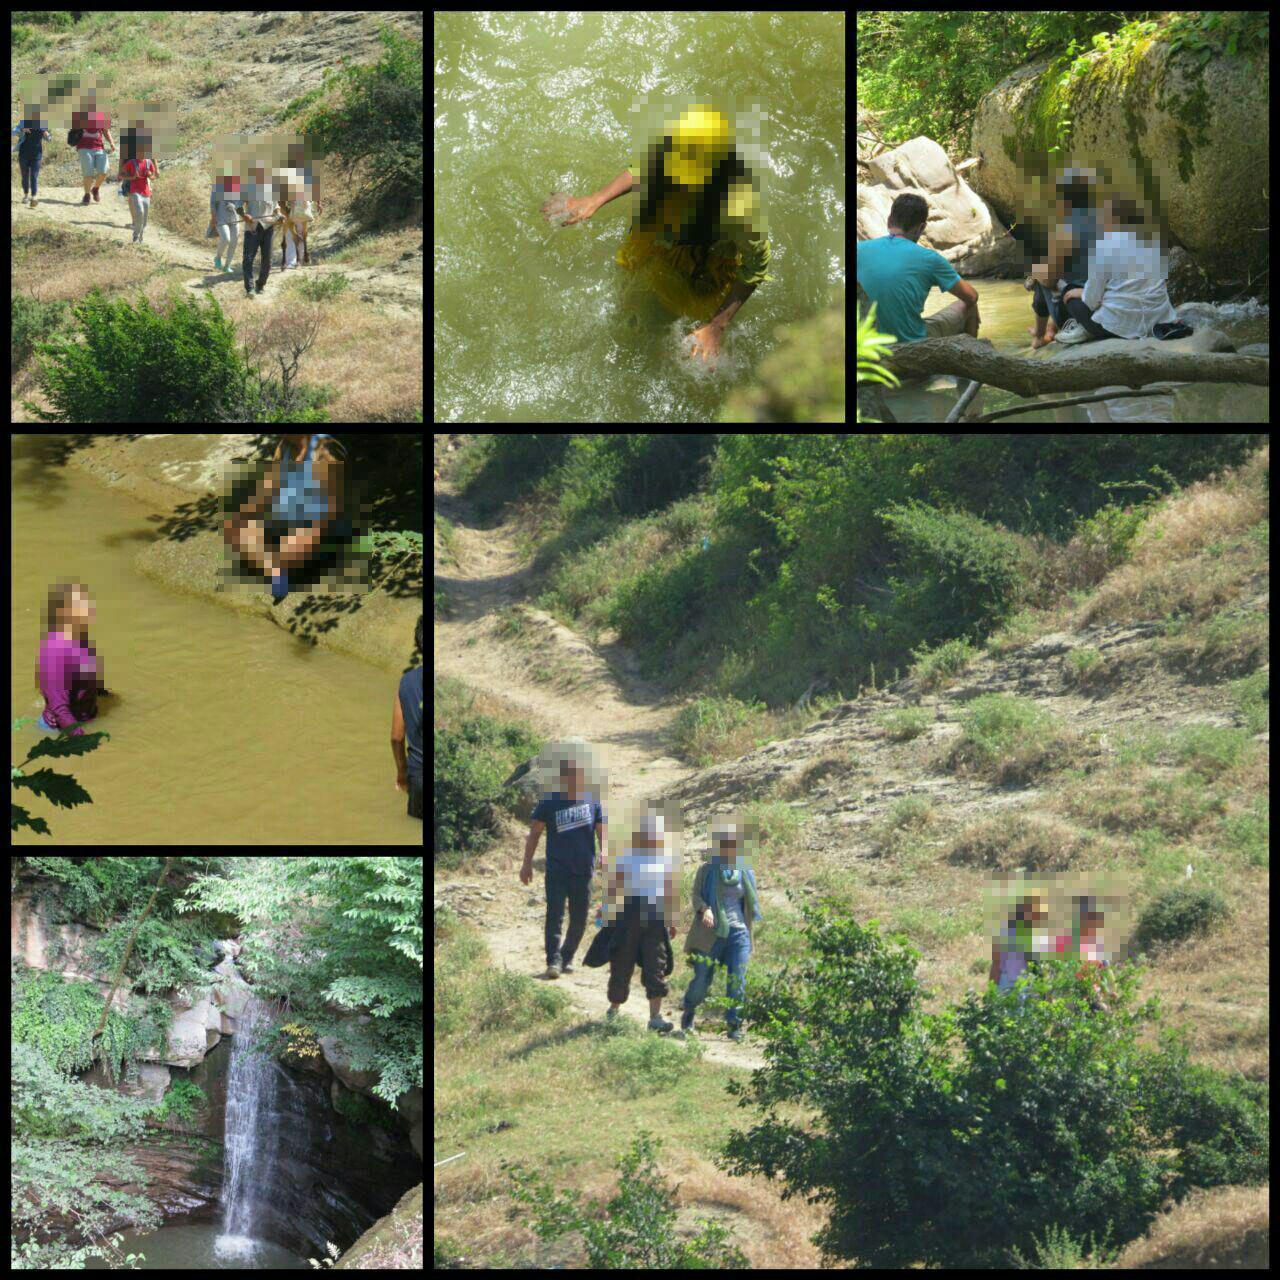 هنجارشکنی در تفرجگاه روستای ساسنگ شهرستان مینودشت